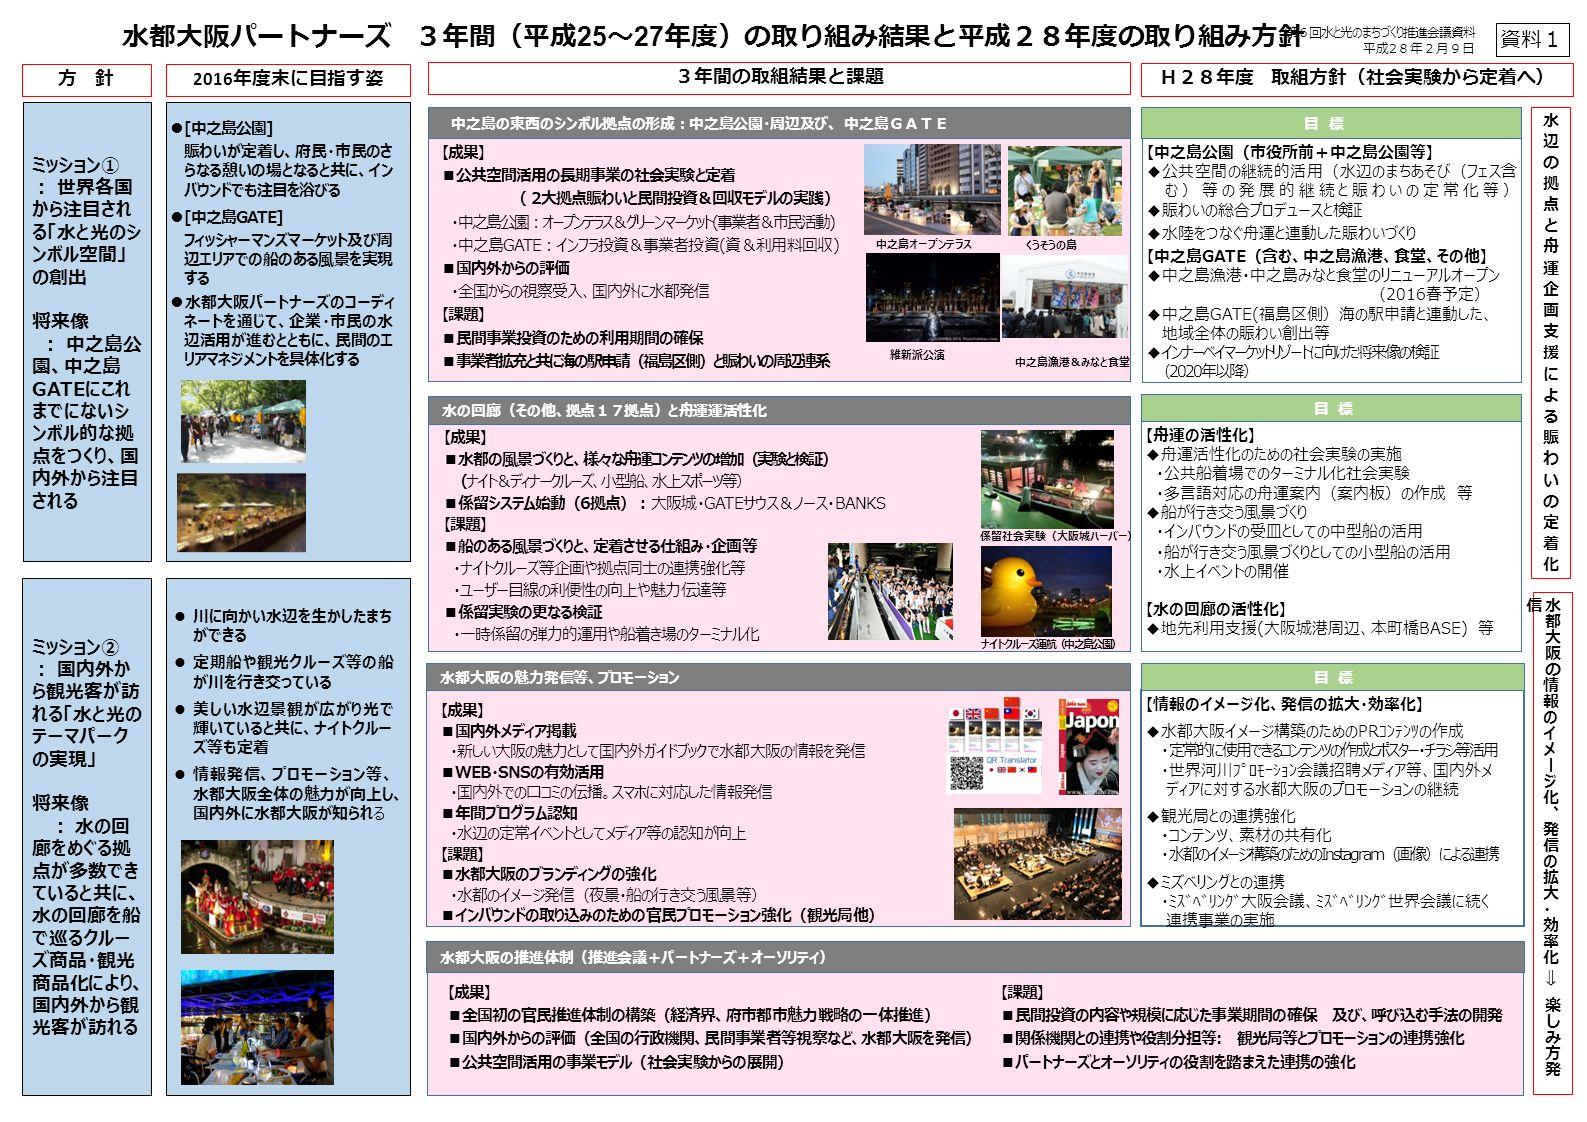 水都大阪パートナーズ 3年間(平成 25 ~ 27 年度)の取り組み結果と平成28年度の取り組み方針 ミッション① : 世界各国 から注目され る「水と光のシ ンボル空間」 の創出 将来像 : 中之島公 園、中之島 GATEにこれ までにないシ ンボル的な拠 点をつくり、国 内外から注目 される ミッション② : 国内外か ら観光客が訪 れる「水と光の テーマパーク の実現」 将来像 : 水の回 廊をめぐる拠 点が多数でき ていると共に、 水の回廊を船 で巡るクルー ズ商品・観光 商品化により、 国内外から観 光客が訪れる 中之島の東西のシンボル拠点の形成:中之島公園・周辺及び、 中之島GATE 水都大阪の魅力発信等、プロモーション 水の回廊(その他、拠点17拠点)と舟運運活性化 【舟運の活性化】 ◆舟運活性化のための社会実験の実施 ・公共船着場でのターミナル化社会実験 ・多言語対応の舟運案内(案内板)の作成 等 ◆船が行き交う風景づくり ・インバウンドの受皿としての中型船の活用 ・船が行き交う風景づくりとしての小型船の活用 ・水上イベントの開催 【水の回廊の活性化】 ◆地先利用支援(大阪城港周辺、本町橋BASE) 等 目 標 【中之島公園(市役所前+中之島公園等】 ◆公共空間の継続的活用(水辺のまちあそび(フェス含 む)等の発展的継続と賑わいの定常化等) ◆賑わいの総合プロデュースと検証 ◆水陸をつなぐ舟運と連動した賑わいづくり 【中之島GATE(含む、中之島漁港、食堂、その他】 ◆中之島漁港・中之島みなと食堂のリニューアルオープン (2016春予定) ◆中之島GATE(福島区側)海の駅申請と連動した、 地域全体の賑わい創出等 ◆インナーベイマーケットリゾートに向けた将来像の検証 (2020年以降) 目 標 【情報のイメージ化、発信の拡大・効率化】 ◆水都大阪イメージ構築のためのPRコンテンツの作成 ・定常的に使用できるコンテンツの作成とポスター・チラシ等活用 ・世界河川プロモーション会議招聘メディア等、国内外メ ディアに対する水都大阪のプロモーションの継続 ◆観光局との連携強化 ・コンテンツ、素材の共有化 ・水都のイメージ構築のためのInstagram(画像)による連携 ◆ミズベリングとの連携 ・ミズベリング大阪会議、ミズベリング世界会議に続く 連携事業の実施 目 標 方 針 2016 年度末に目指す姿 3年間の取組結果と課題 H28年度 取組方針(社会実験から定着へ) 川に向かい水辺を生かしたまち ができる 定期船や観光クルーズ等の船 が川を行き交っている 美しい水辺景観が広がり光で 輝いていると共に、ナイトクルー ズ等も定着 情報発信、プロモーション等、 水都大阪全体の魅力が向上し、 国内外に水都大阪が知られる 水都大阪の推進体制(推進会議+パートナーズ+オーソリティ) 維新派公演 中之島漁港&みなと食堂 中之島オープンテラス くうそうの島 【成果】 ■公共空間活用の長期事業の社会実験と定着 ( 2大拠点賑わいと民間投資&回収モデルの実践) ・中之島公園:オープンテラス&グリーンマーケット(事業者&市民活動) ・中之島GATE:インフラ投資&事業者投資(資&利用料回収) ■国内外からの評価 ・全国からの視察受入、国内外に水都発信 【課題】 ■民間事業投資のための利用期間の確保 ■事業者拡充と共に海の駅申請(福島区側)と賑わいの周辺連系 【成果】 ■水都の風景づくりと、様々な舟運コンテンツの増加(実験と検証) (ナイト&ディナークルーズ、小型船、水上スポーツ等) ■係留システム始動(6拠点):大阪城・GATEサウス&ノース・BANKS 【課題】 ■船のある風景づくりと、定着させる仕組み・企画等 ・ナイトクルーズ等企画や拠点同士の連携強化等 ・ユーザー目線の利便性の向上や魅力伝達等 ■係留実験の更なる検証 ・一時係留の弾力的運用や船着き場のターミナル化 【成果】 ■国内外メディア掲載 ・新しい大阪の魅力として国内外ガイドブックで水都大阪の情報を発信 ■WEB・SNSの有効活用 ・国内外での口コミの伝播。スマホに対応した情報発信 ■年間プログラム認知 ・水辺の定常イベントとしてメディア等の認知が向上 【課題】 ■水都大阪のブランディングの強化 ・水都のイメージ発信(夜景・船の行き交う風景等) ■インバウンドの取り込みのための官民プロモーション強化(観光局他) 【成果】 ■全国初の官民推進体制の構築(経済界、府市都市魅力戦略の一体推進) ■国内外からの評価(全国の行政機関、民間事業者等視察など、水都大阪を発信) ■公共空間活用の事業モデル(社会実験からの展開) 【課題】 ■民間投資の内容や規模に応じた事業期間の確保 及び、呼び